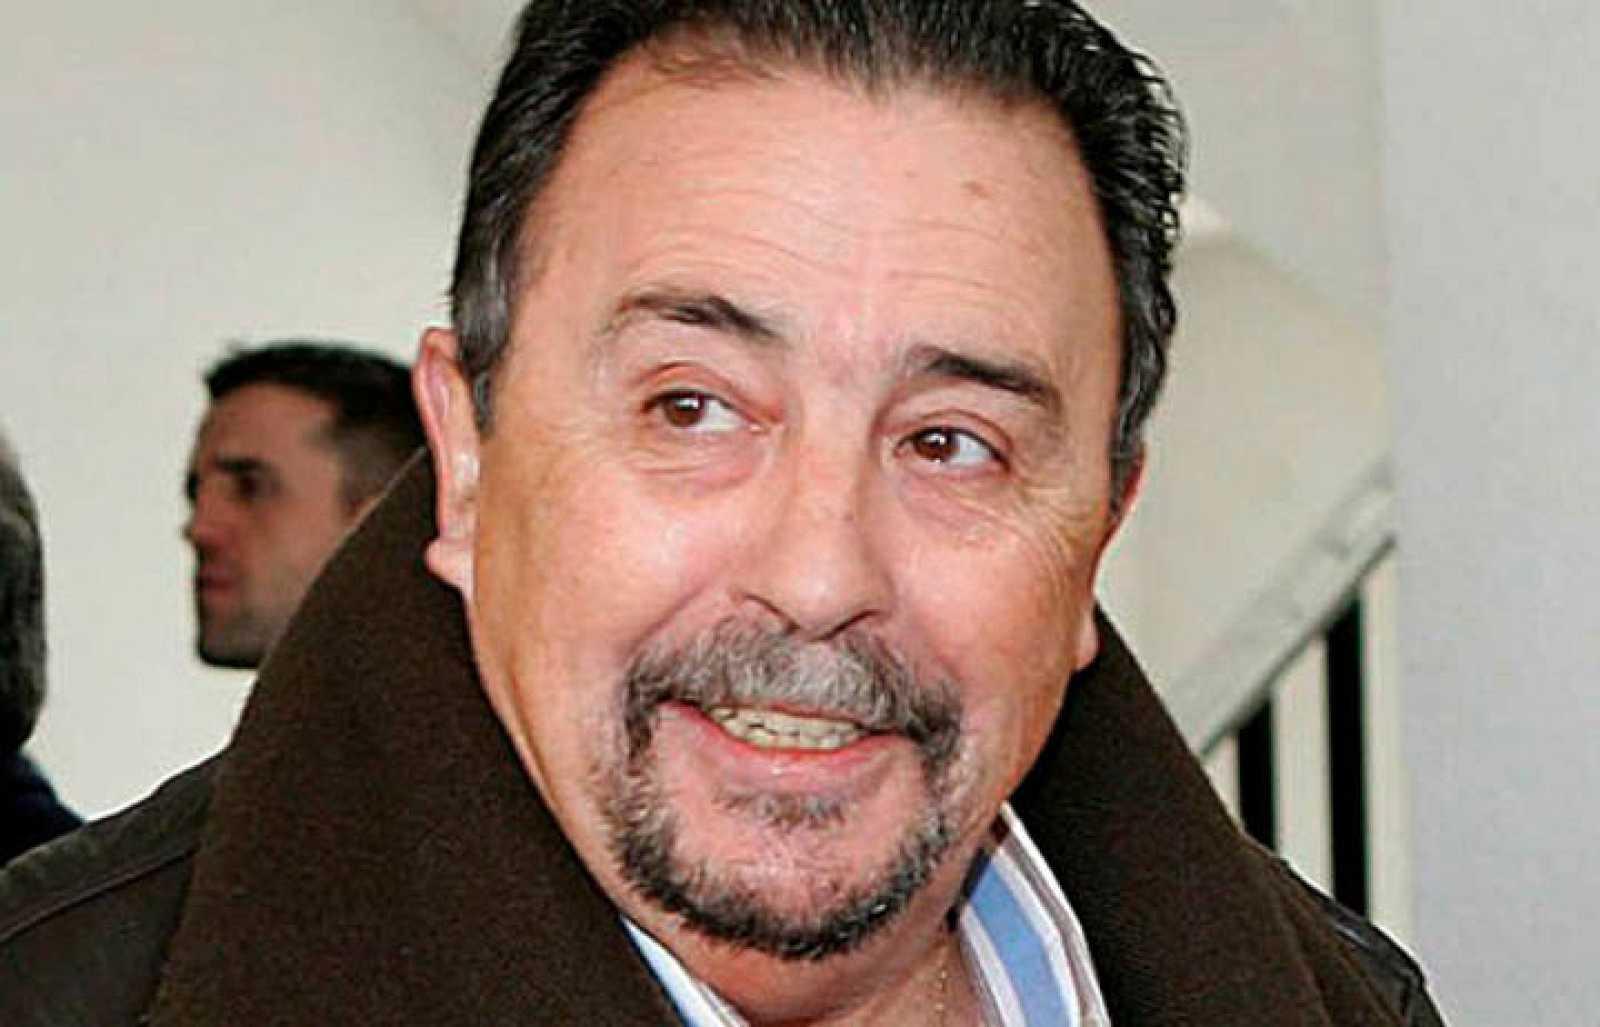 El presidente de la Federación Española de Balonmano, Juan de Dios Román, en una imagen de archivo.